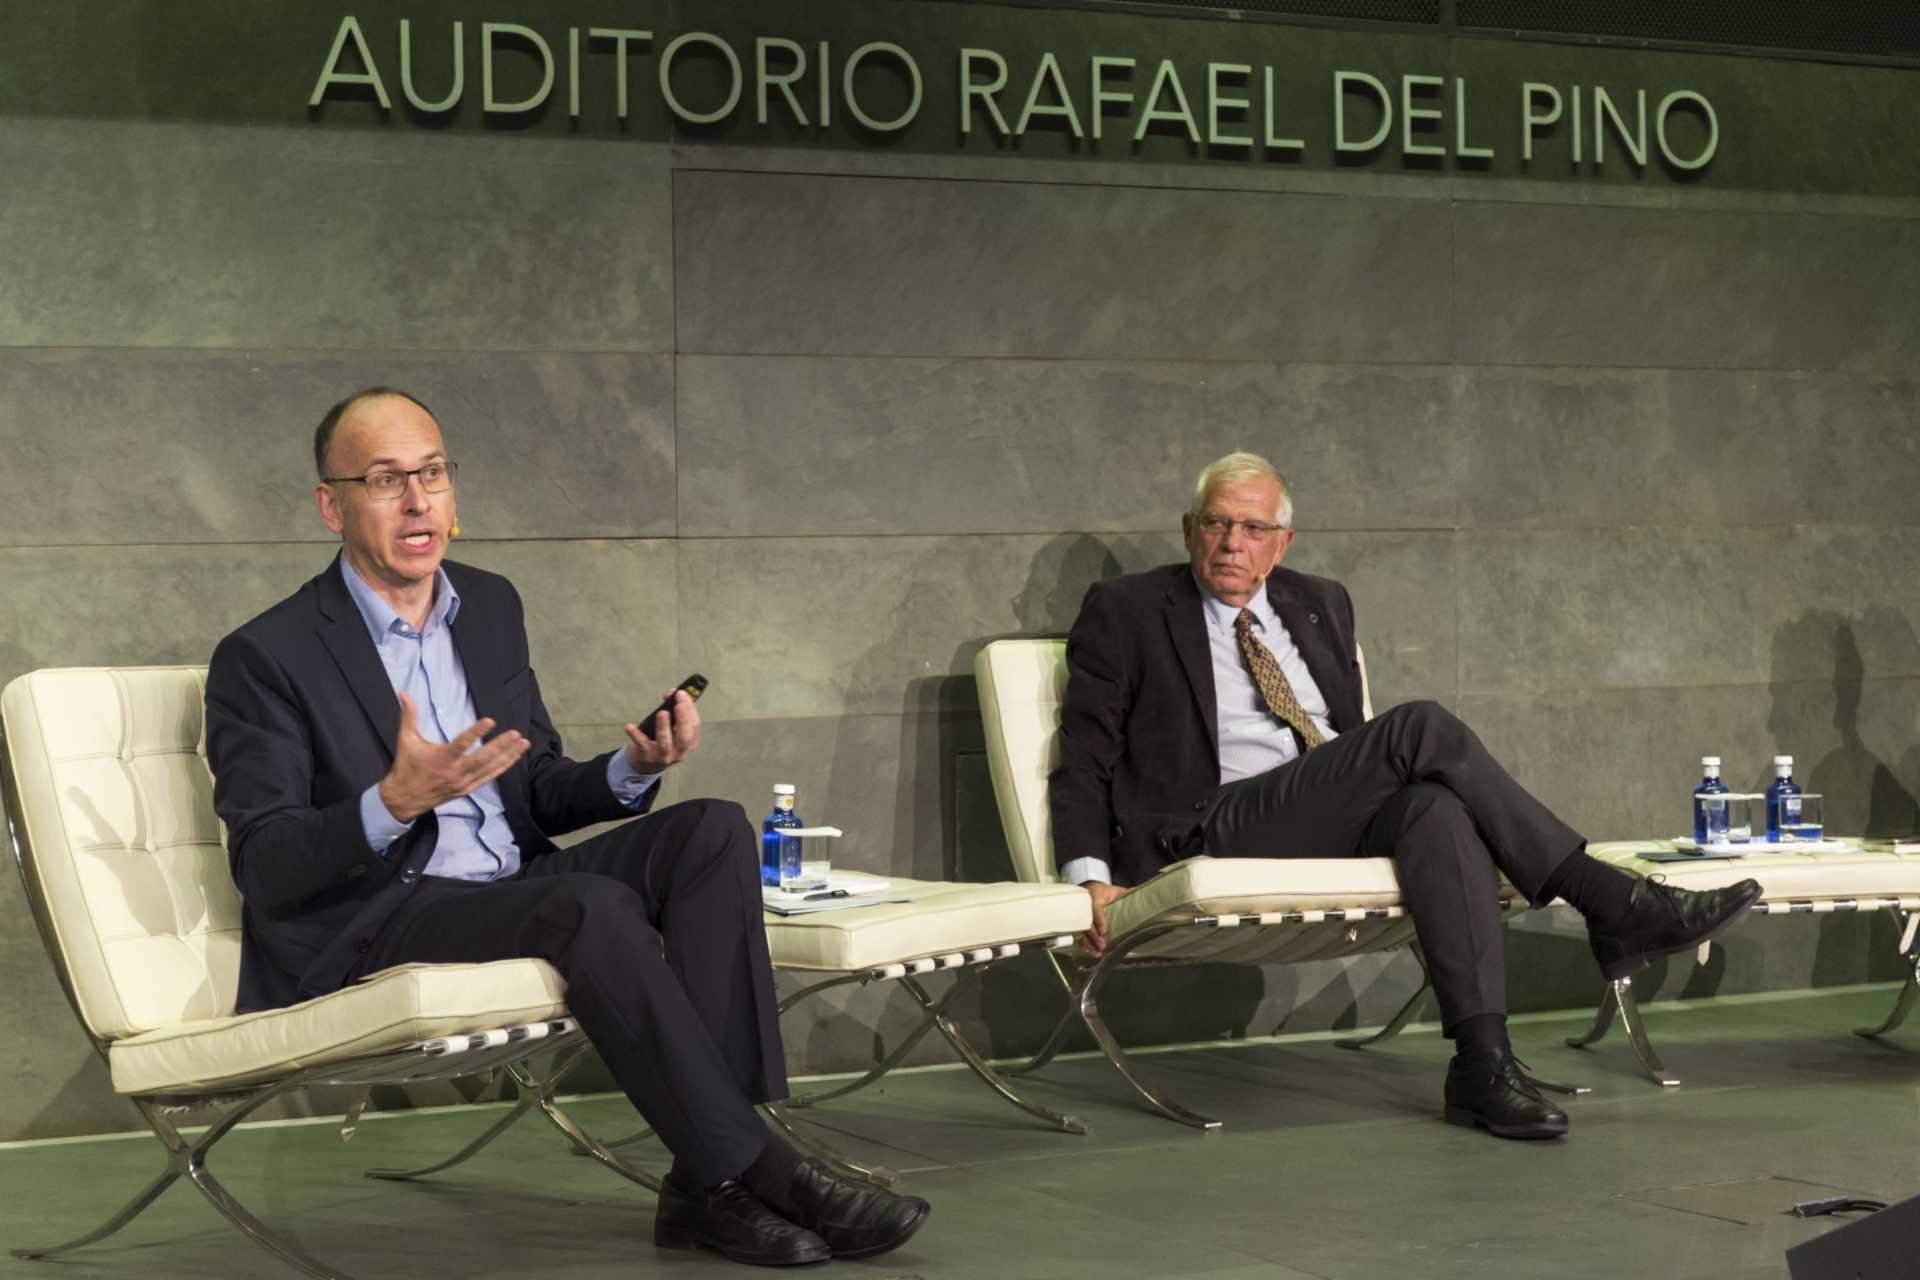 """La Fundación Rfael del Pino organiza un diálogo con motivo de la presentación del libro titulado """"Las cuentas y los cuentos de la independencia"""" que mantendrán Josep Borrell y Joan Llorach. EN Madrid el 12 de noviembre de 2015. DS"""